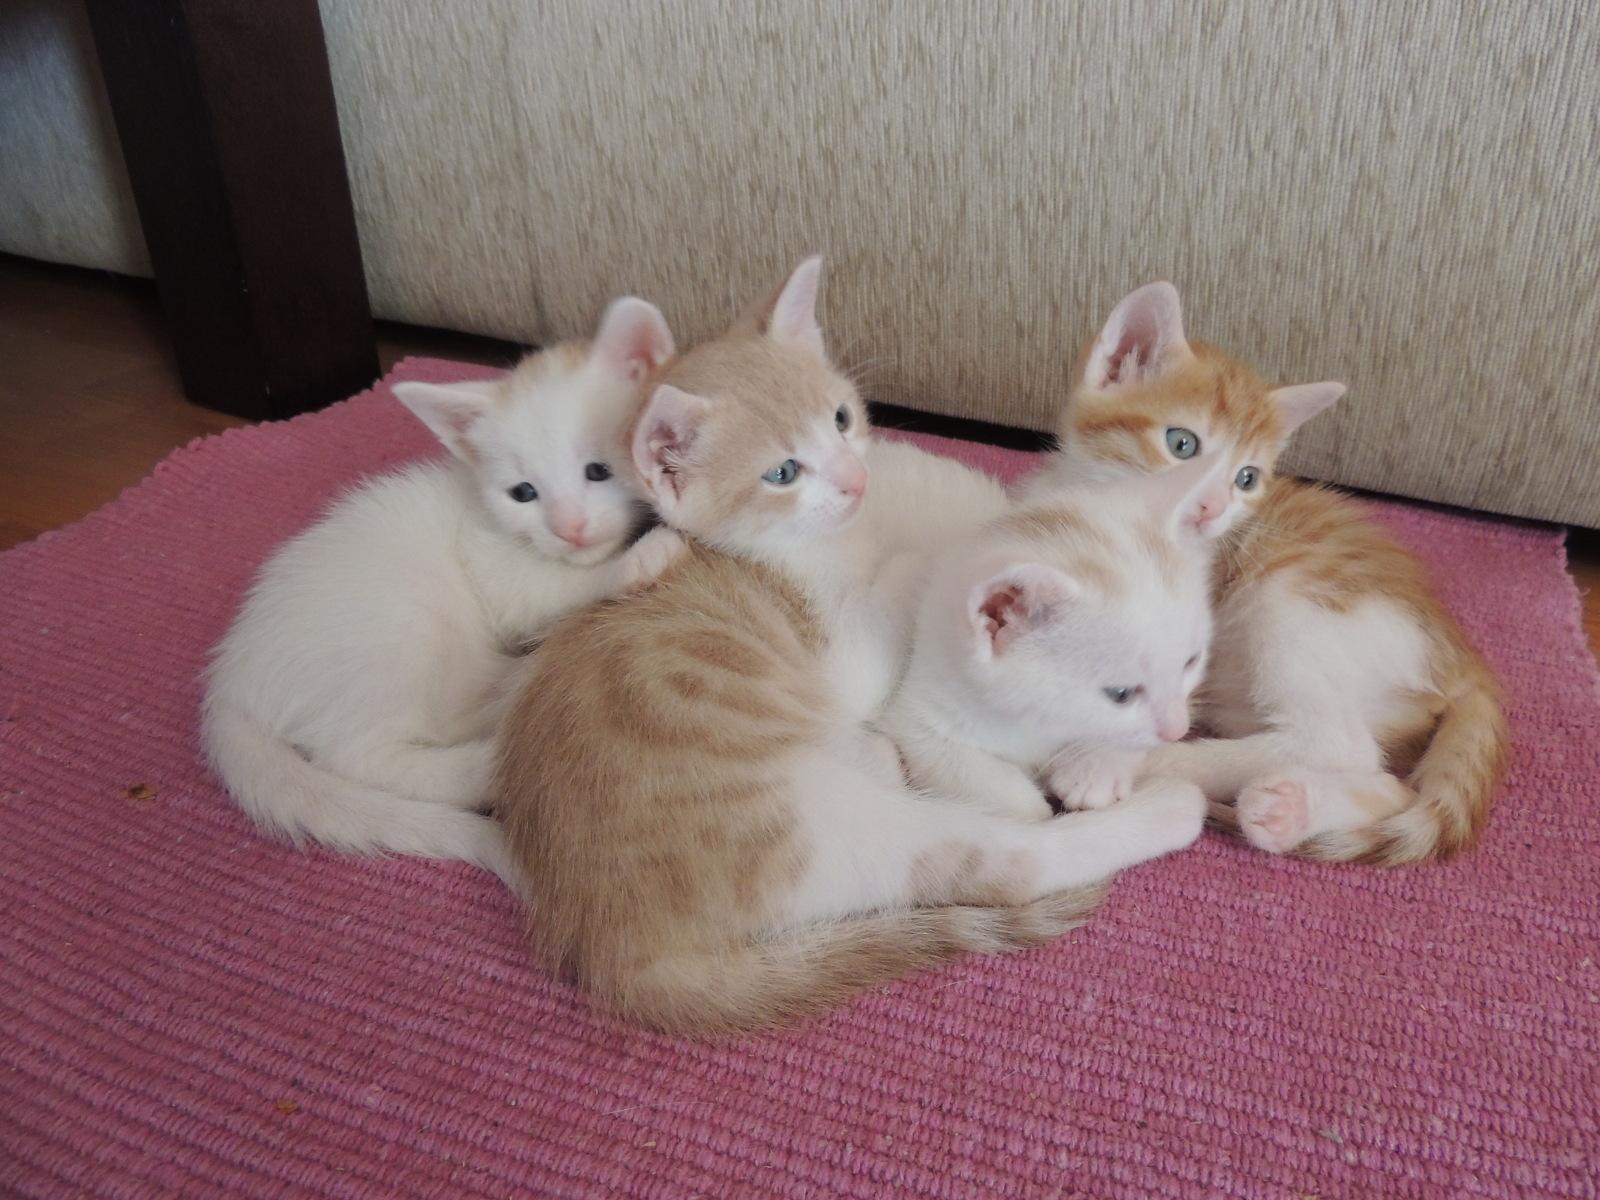 Χαρίζονται γατάκια .  Aθηνα 2lbpe6w